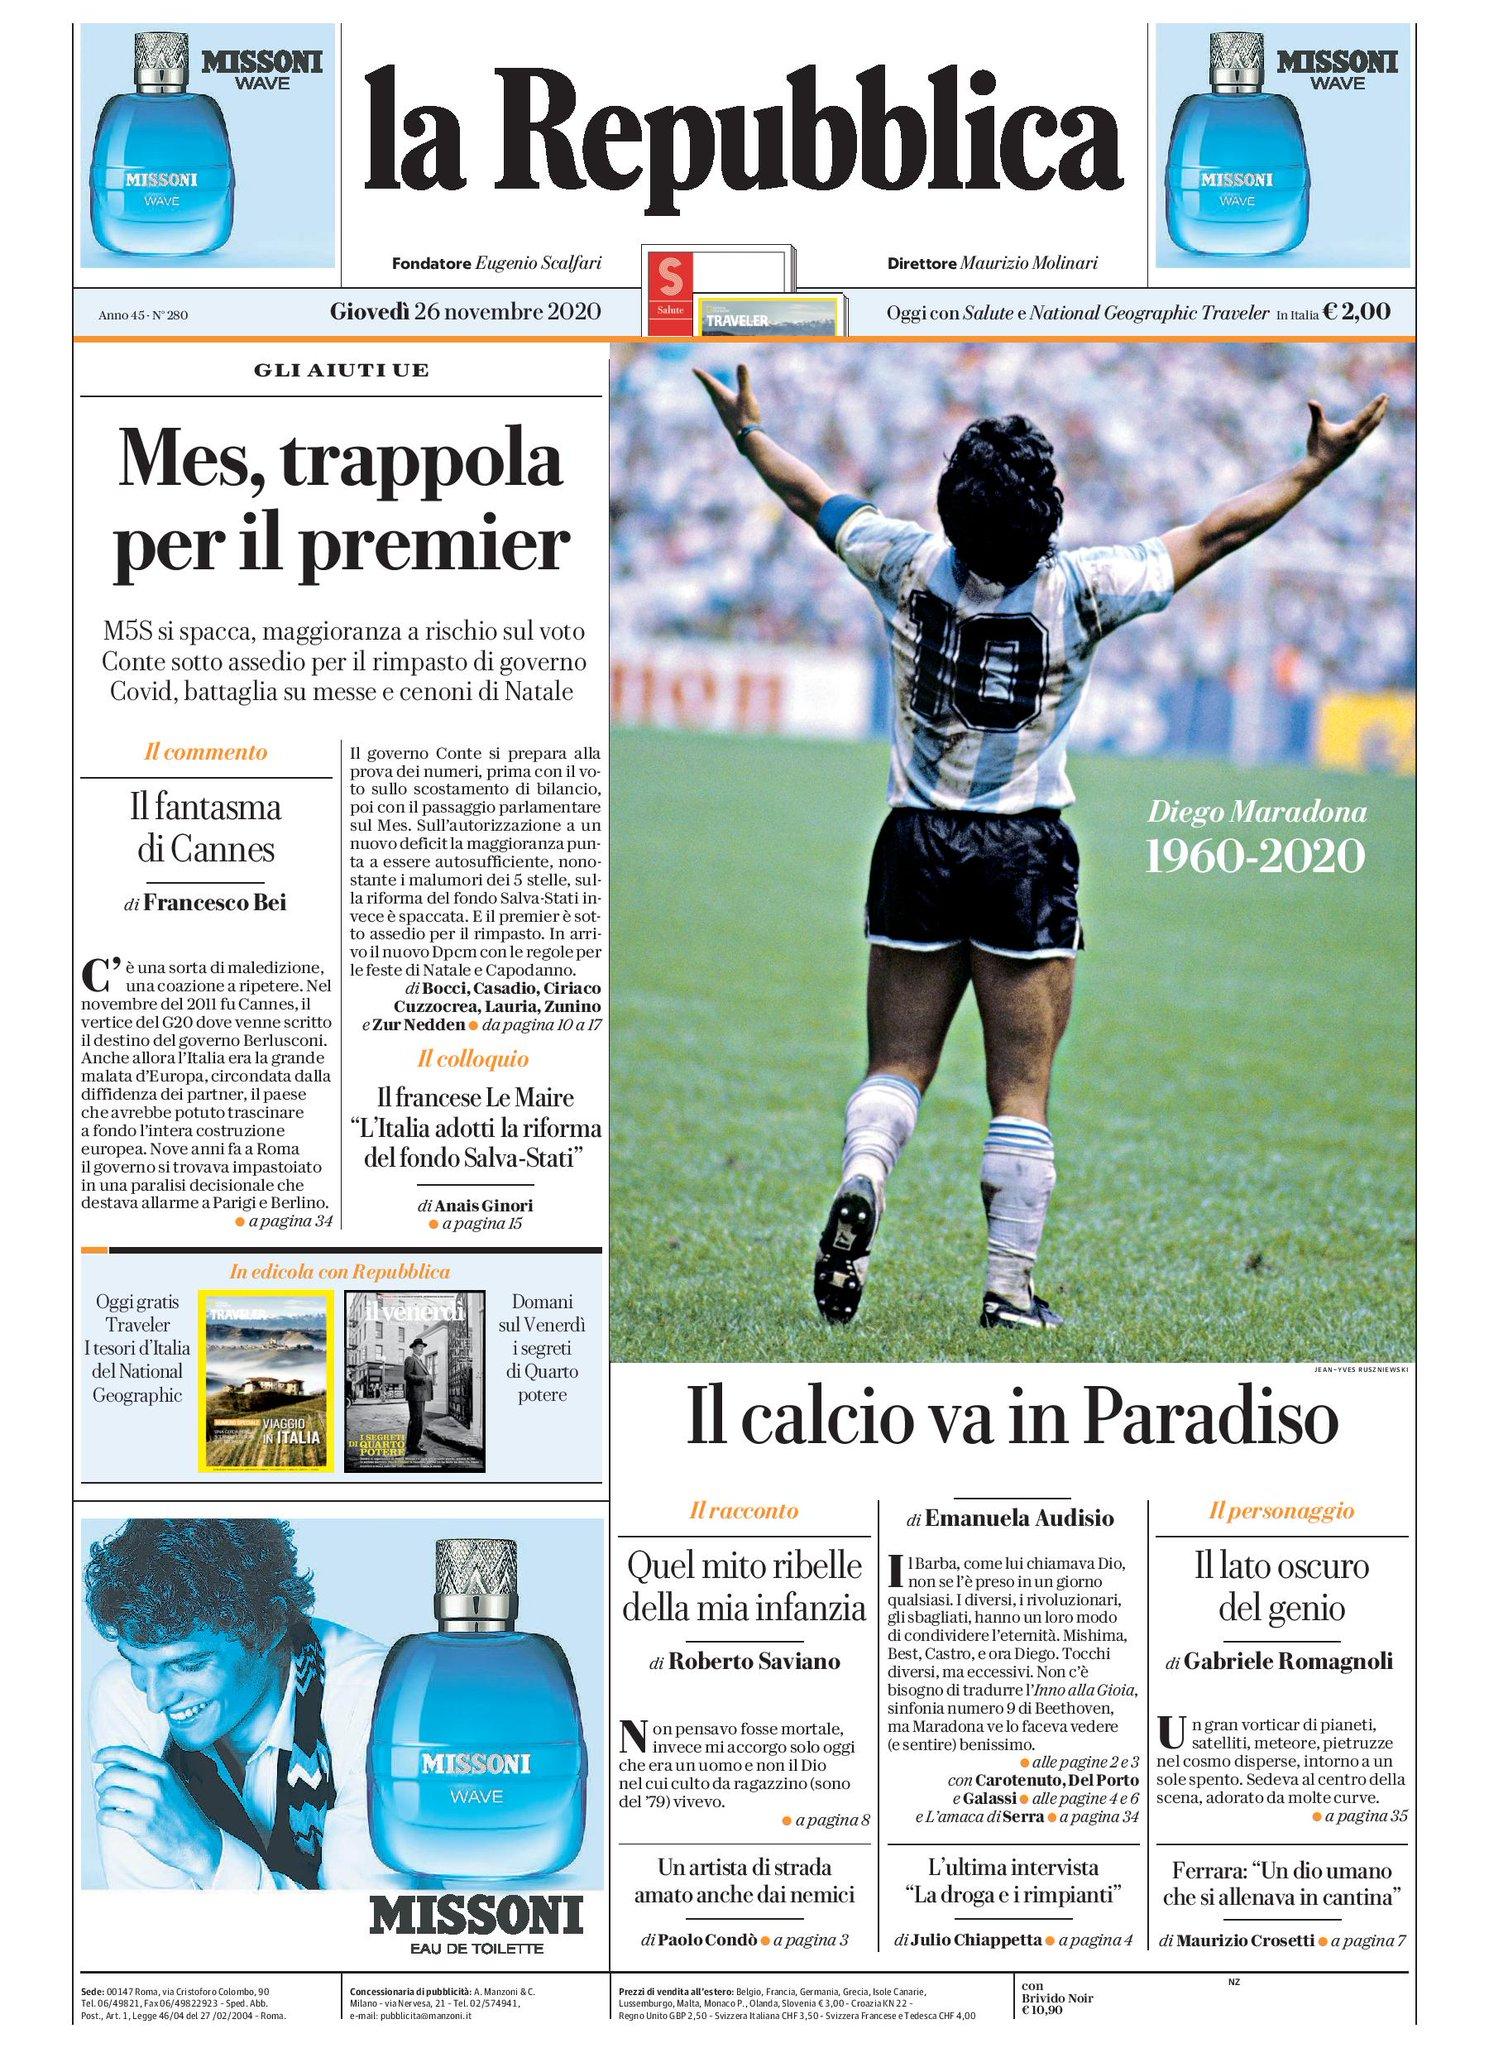 """Repubblica on Twitter: """"Il calcio va in Paradiso - #Buongiorno con la  #primapagina di Repubblica di oggi https://t.co/LZaZp2FObT #rassegnastampa  #26novembre #maradona… https://t.co/yBPTJcVJeH"""""""